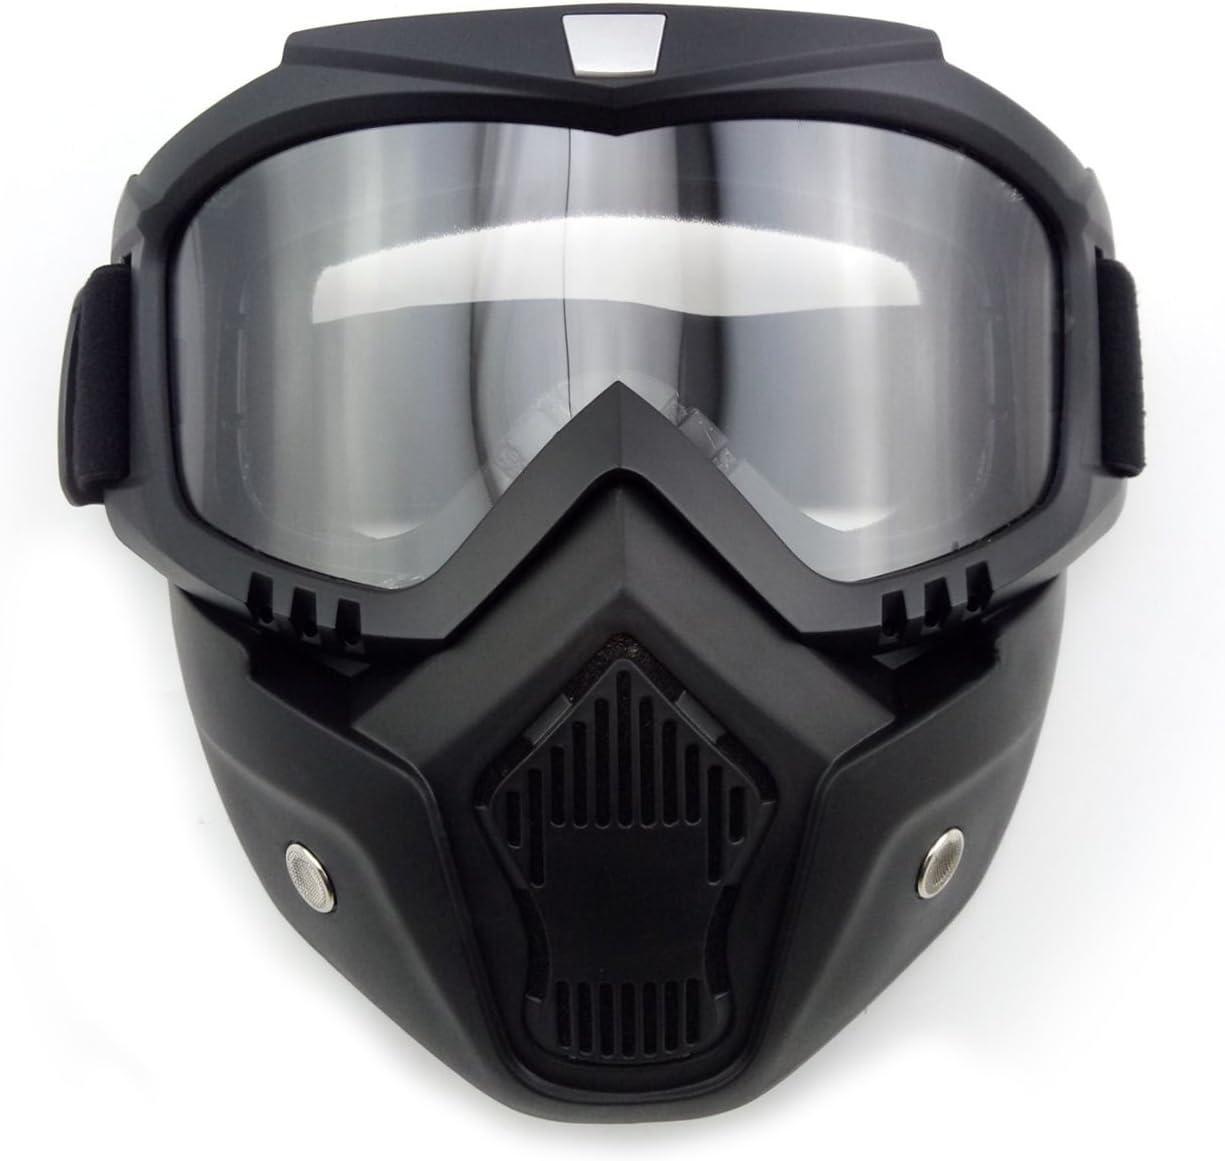 Anzene Máscara de casco de motocicleta Máscara de combinación desmontable gafas protectoras (Transparente)